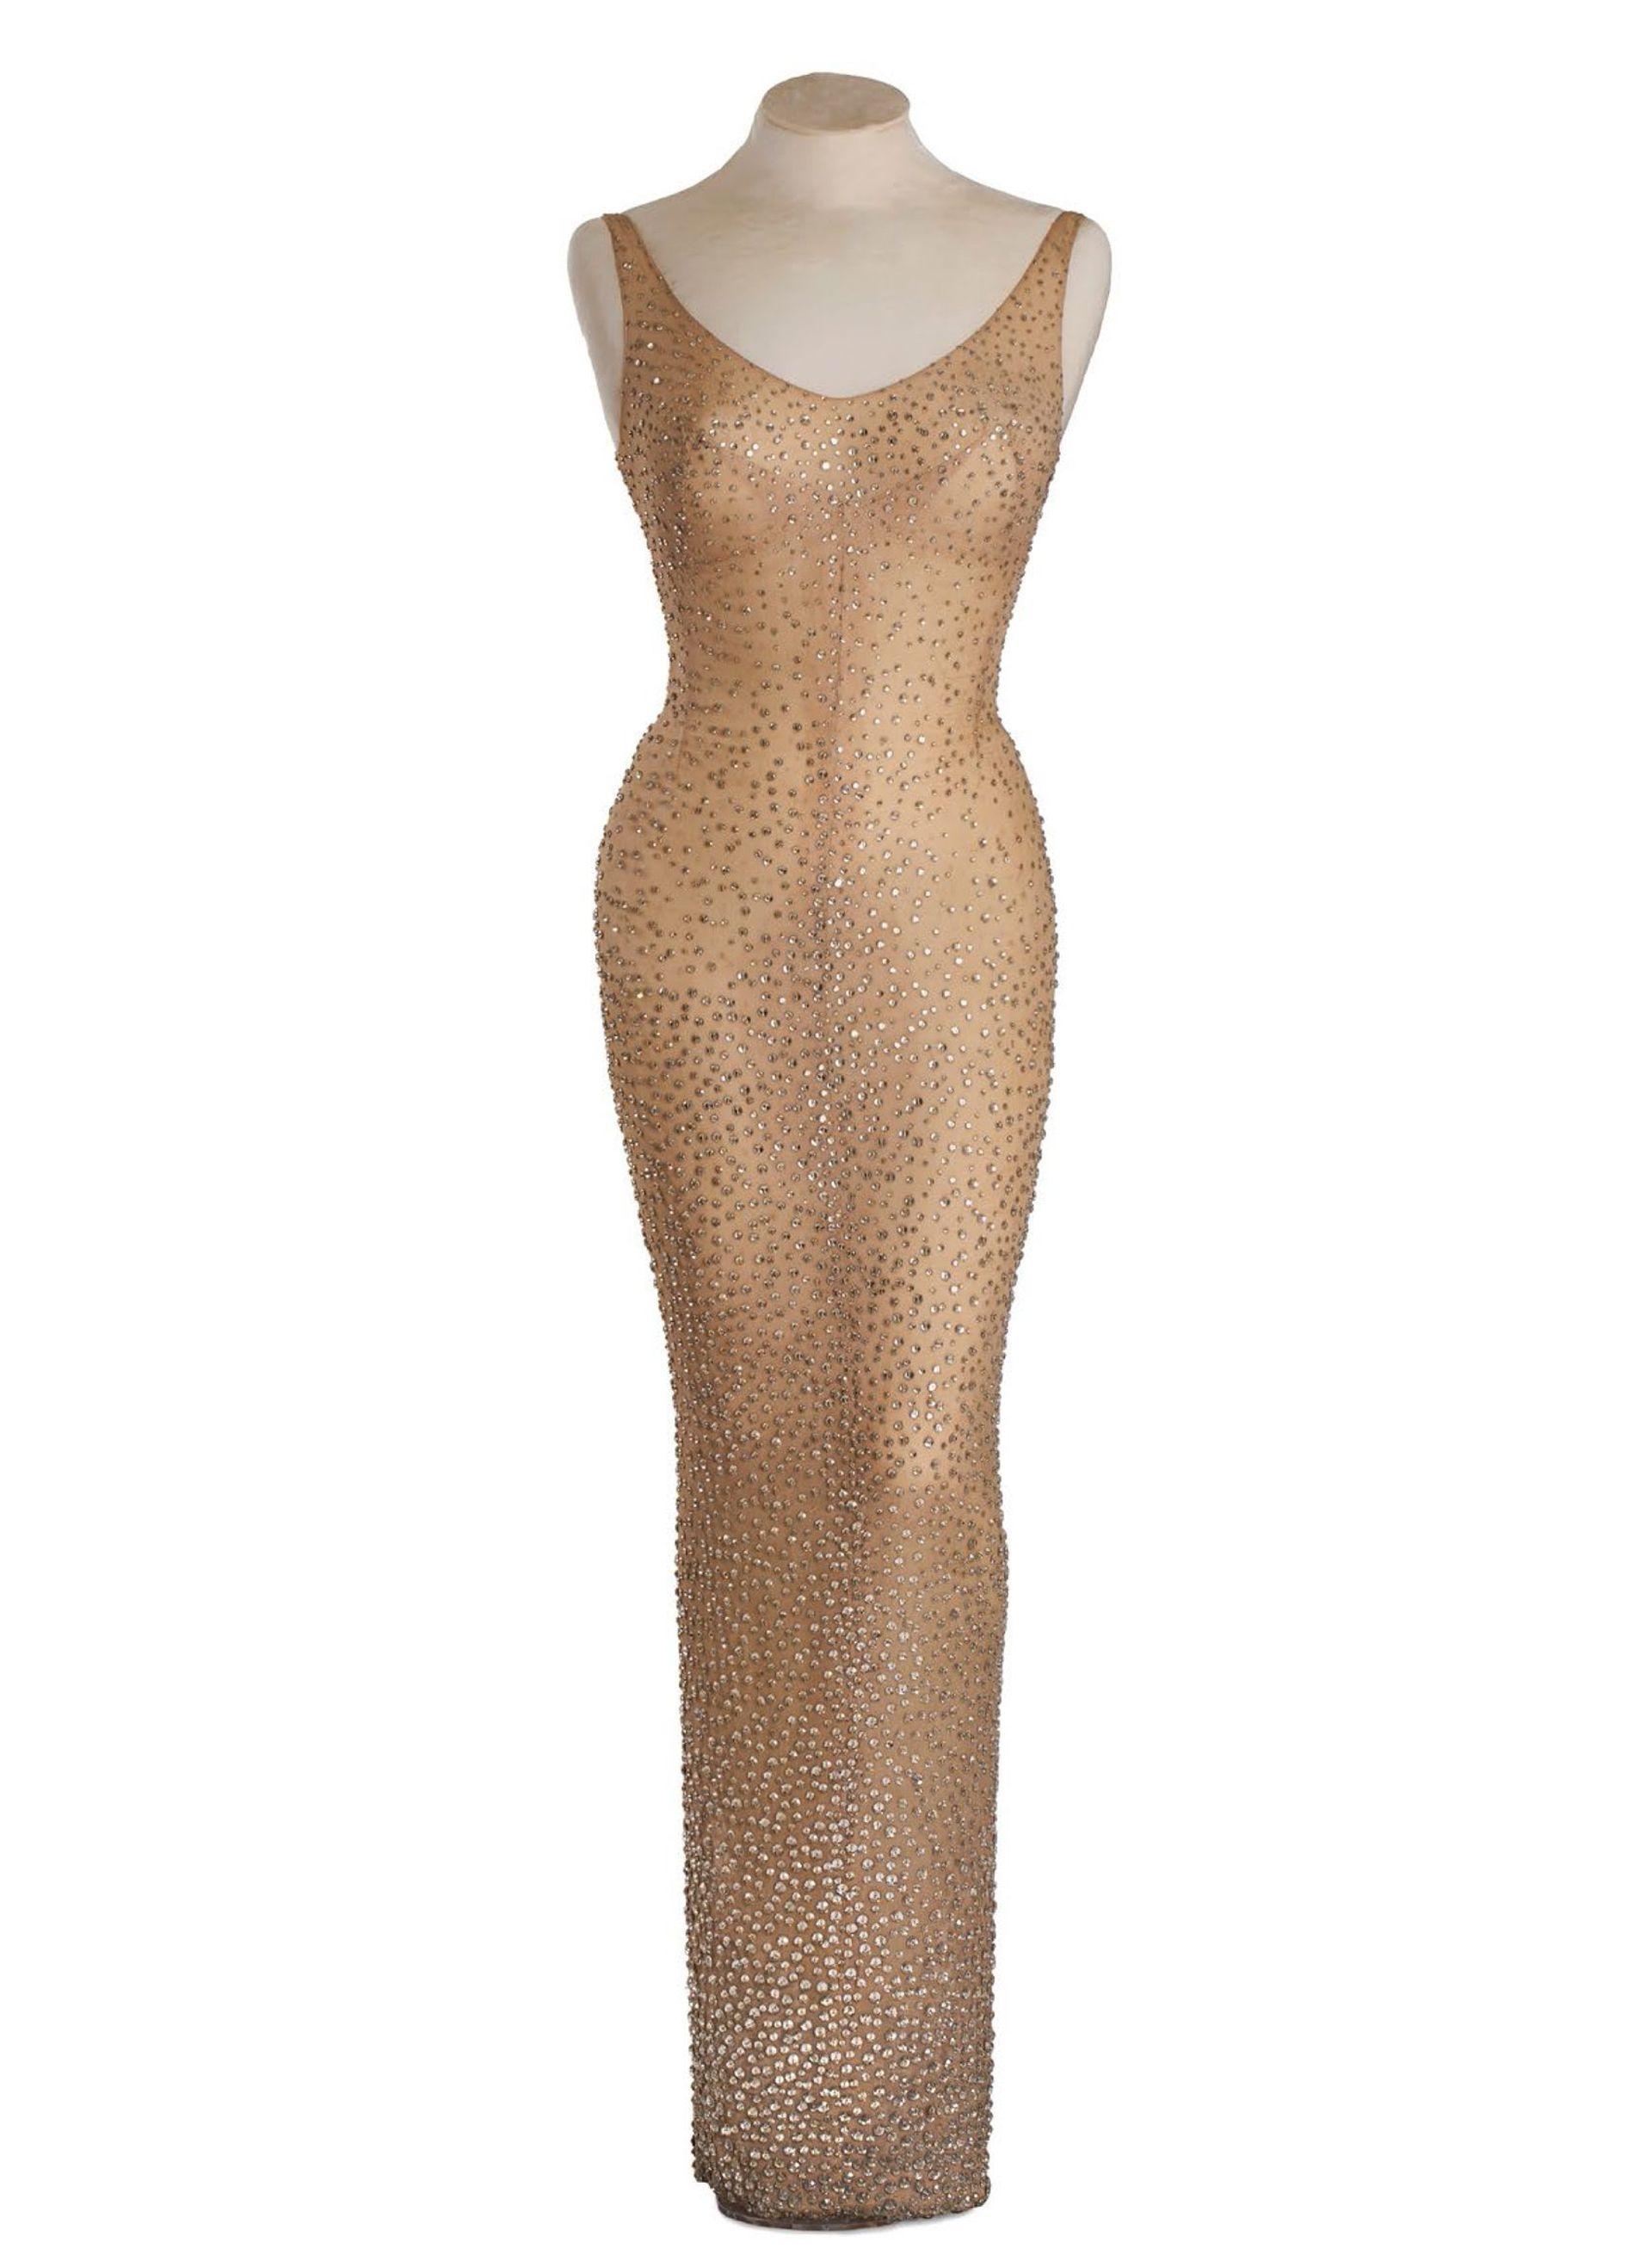 VIDEO: Slavna haljina Marilyn Monroe prodana na aukciji za 4.8 milijuna dolara